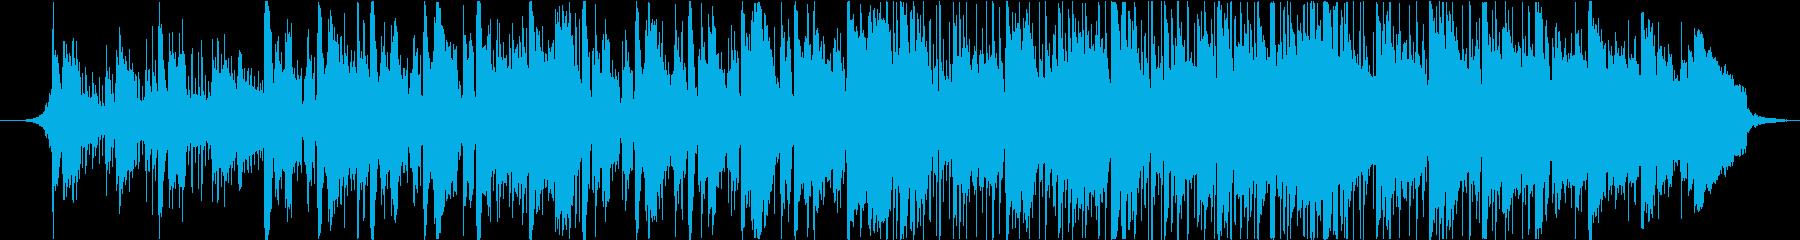 優しく穏やかでリズミカルなBGMの再生済みの波形